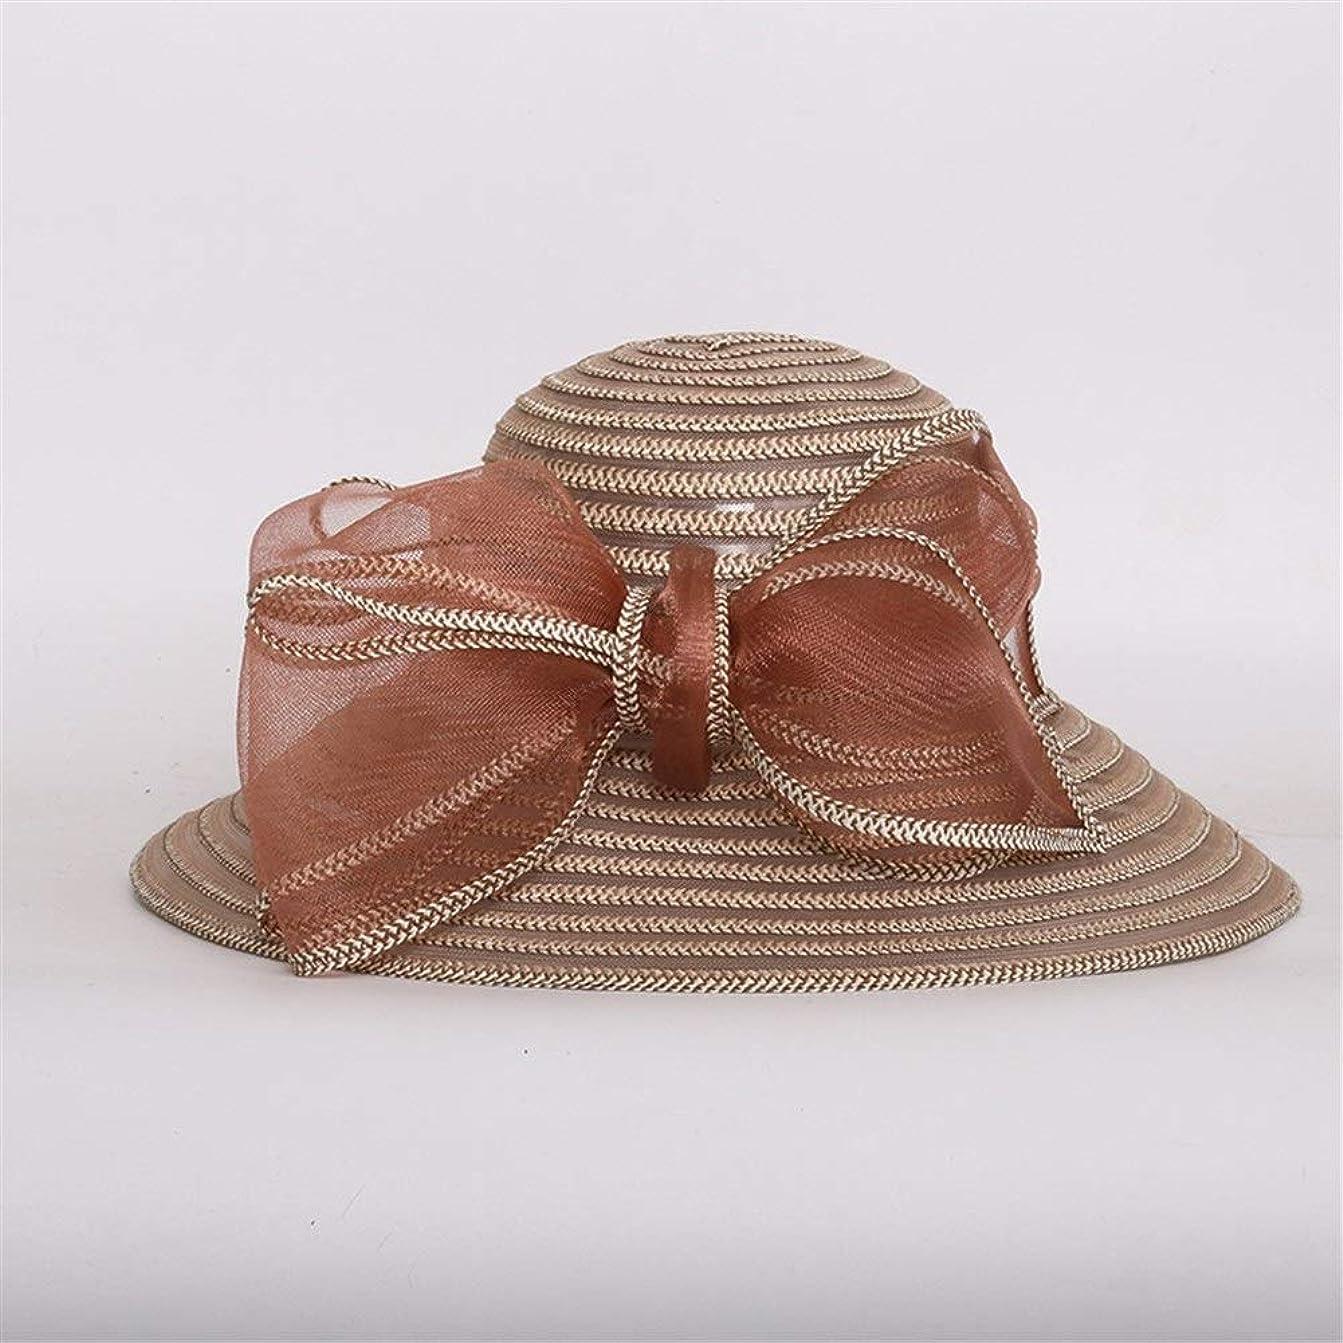 病なクリップ蝶お酒ヴィンテージファッションドーム帽子レディース快適な軽量弓バイザー麦わら帽子